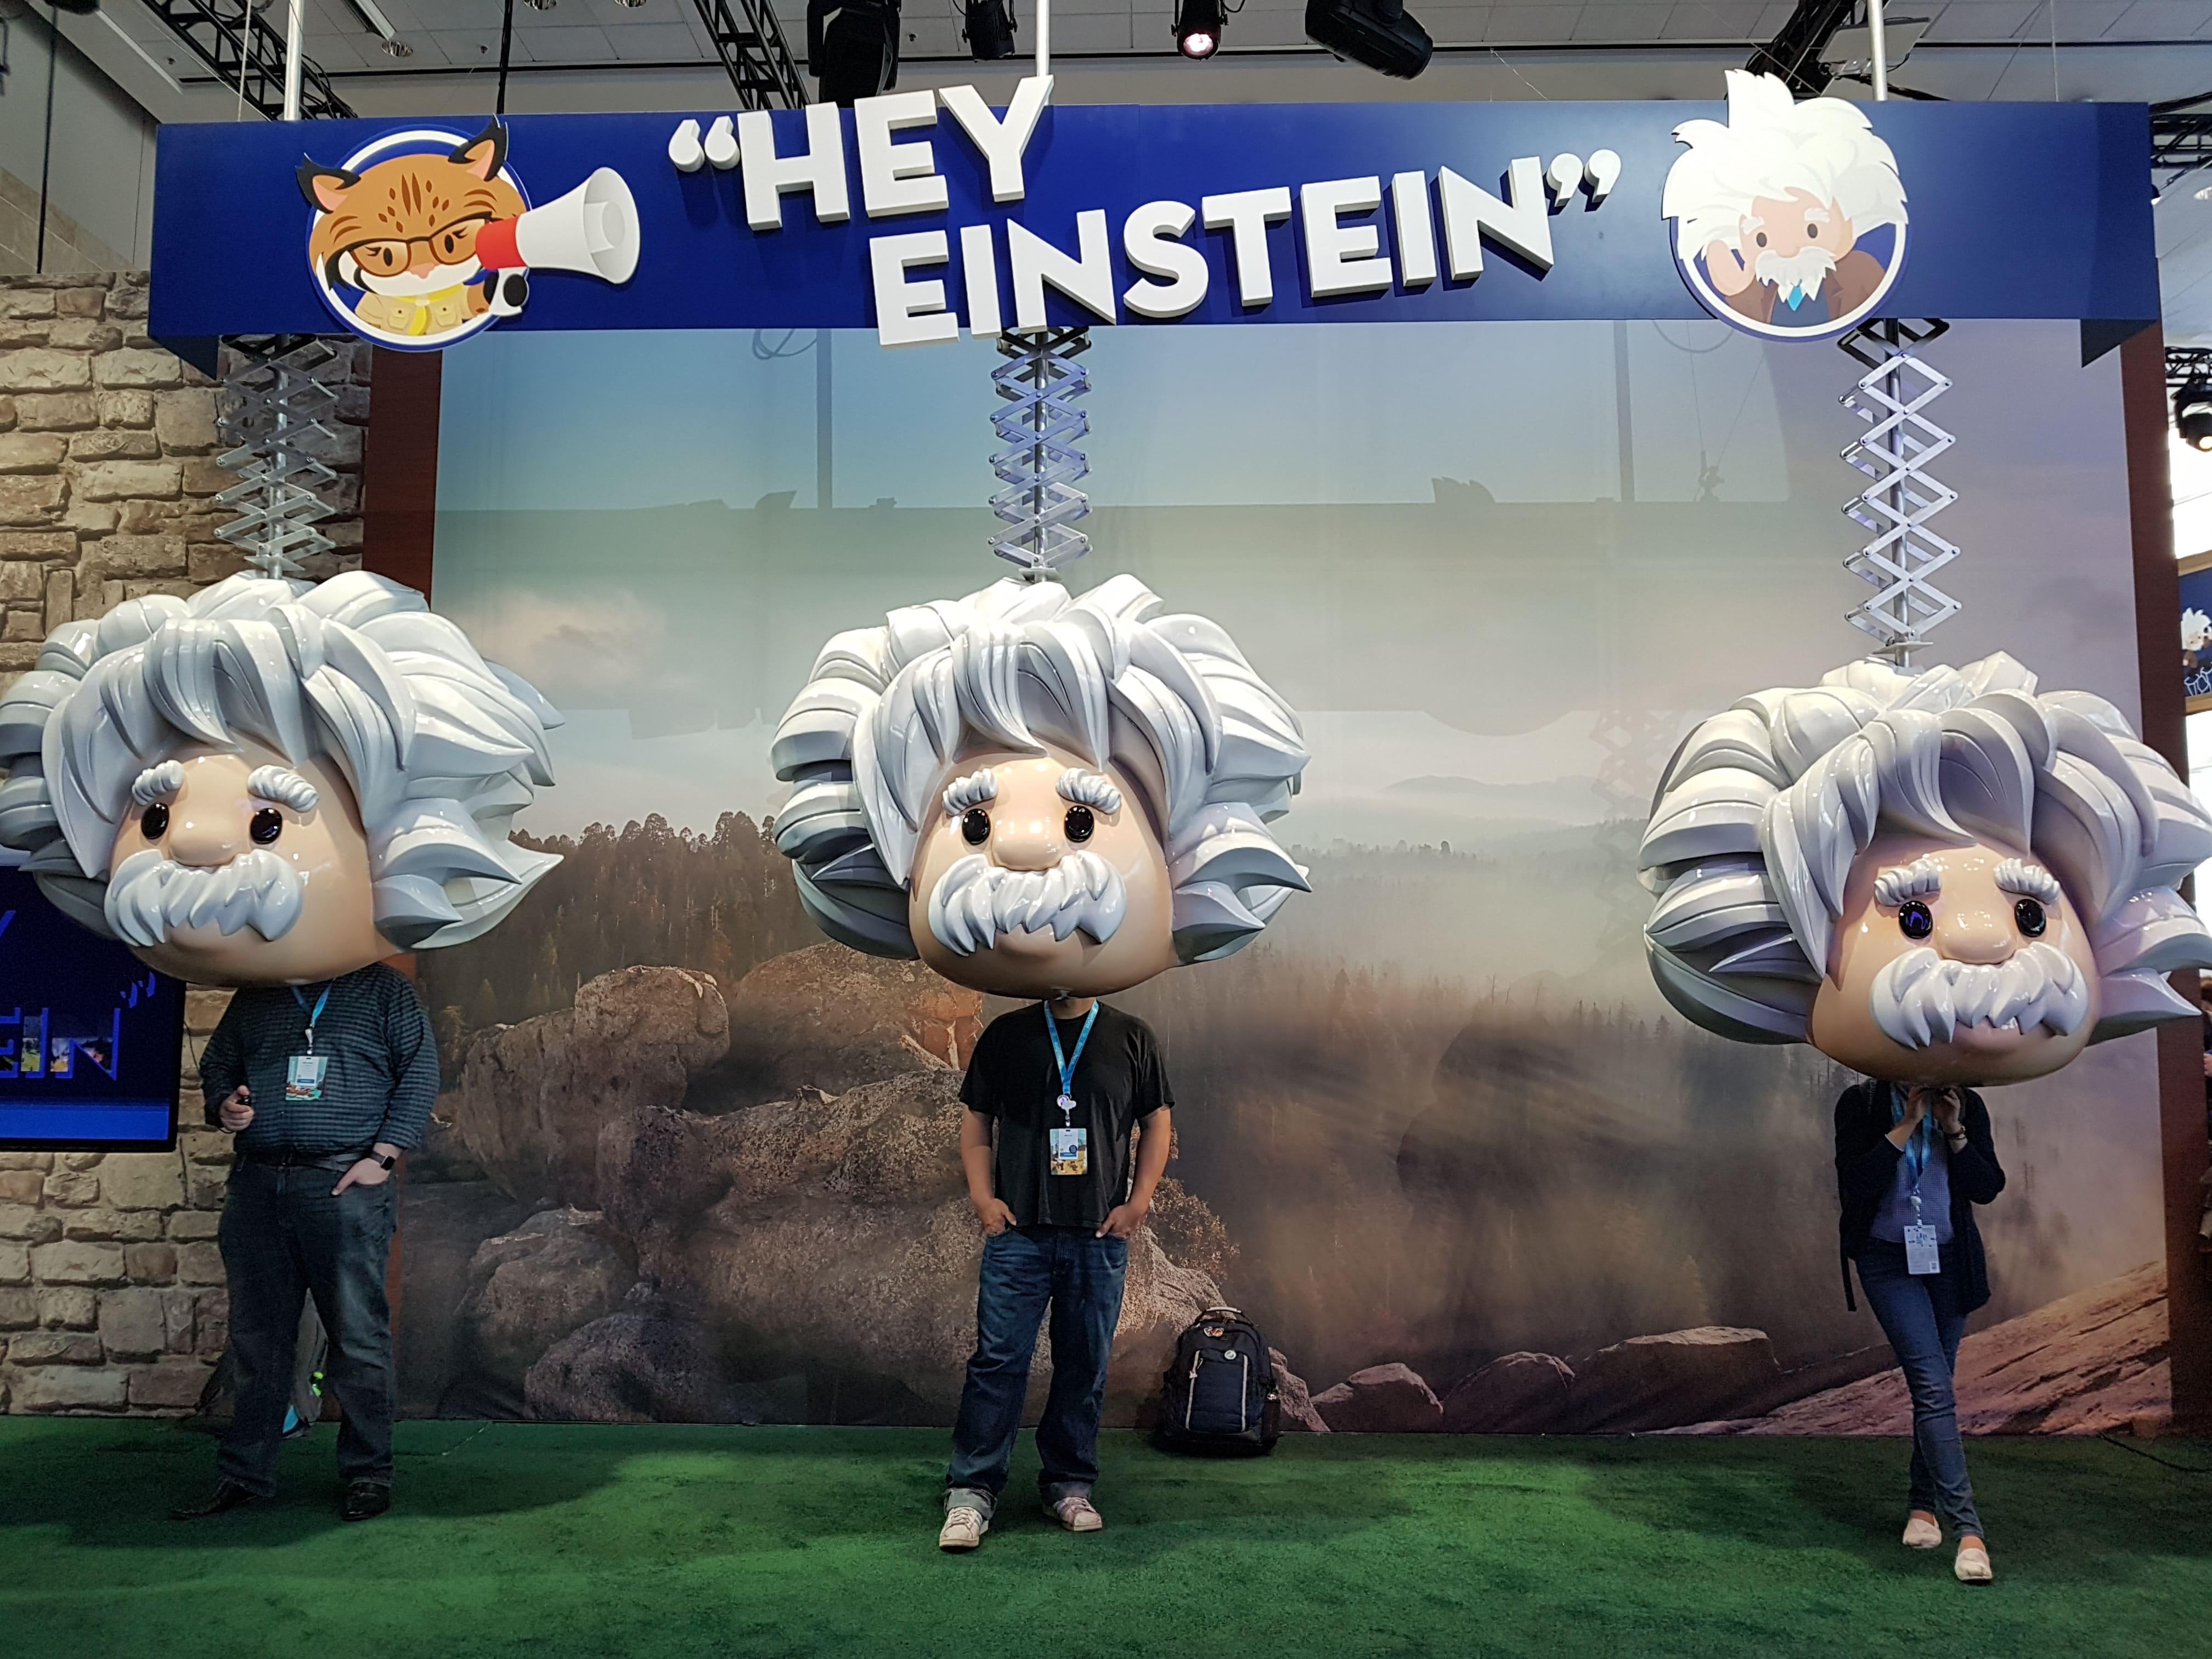 Hey-Einstein-Dreamforce-2018